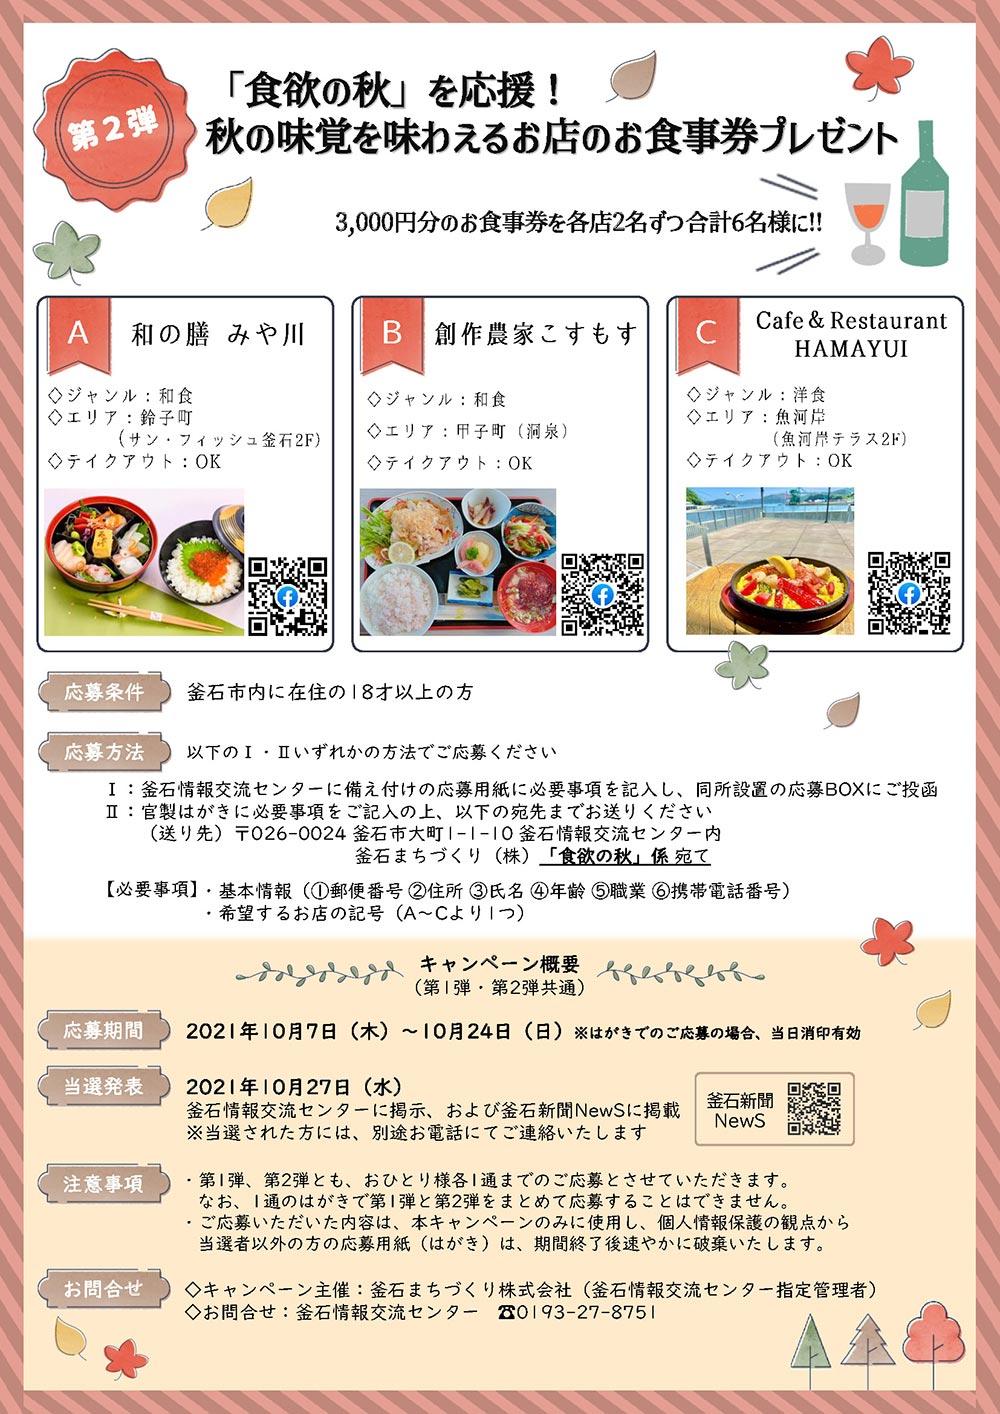 【第2弾】『食欲の秋』を応援! 秋の味覚を味わえるお店のお食事券プレゼント